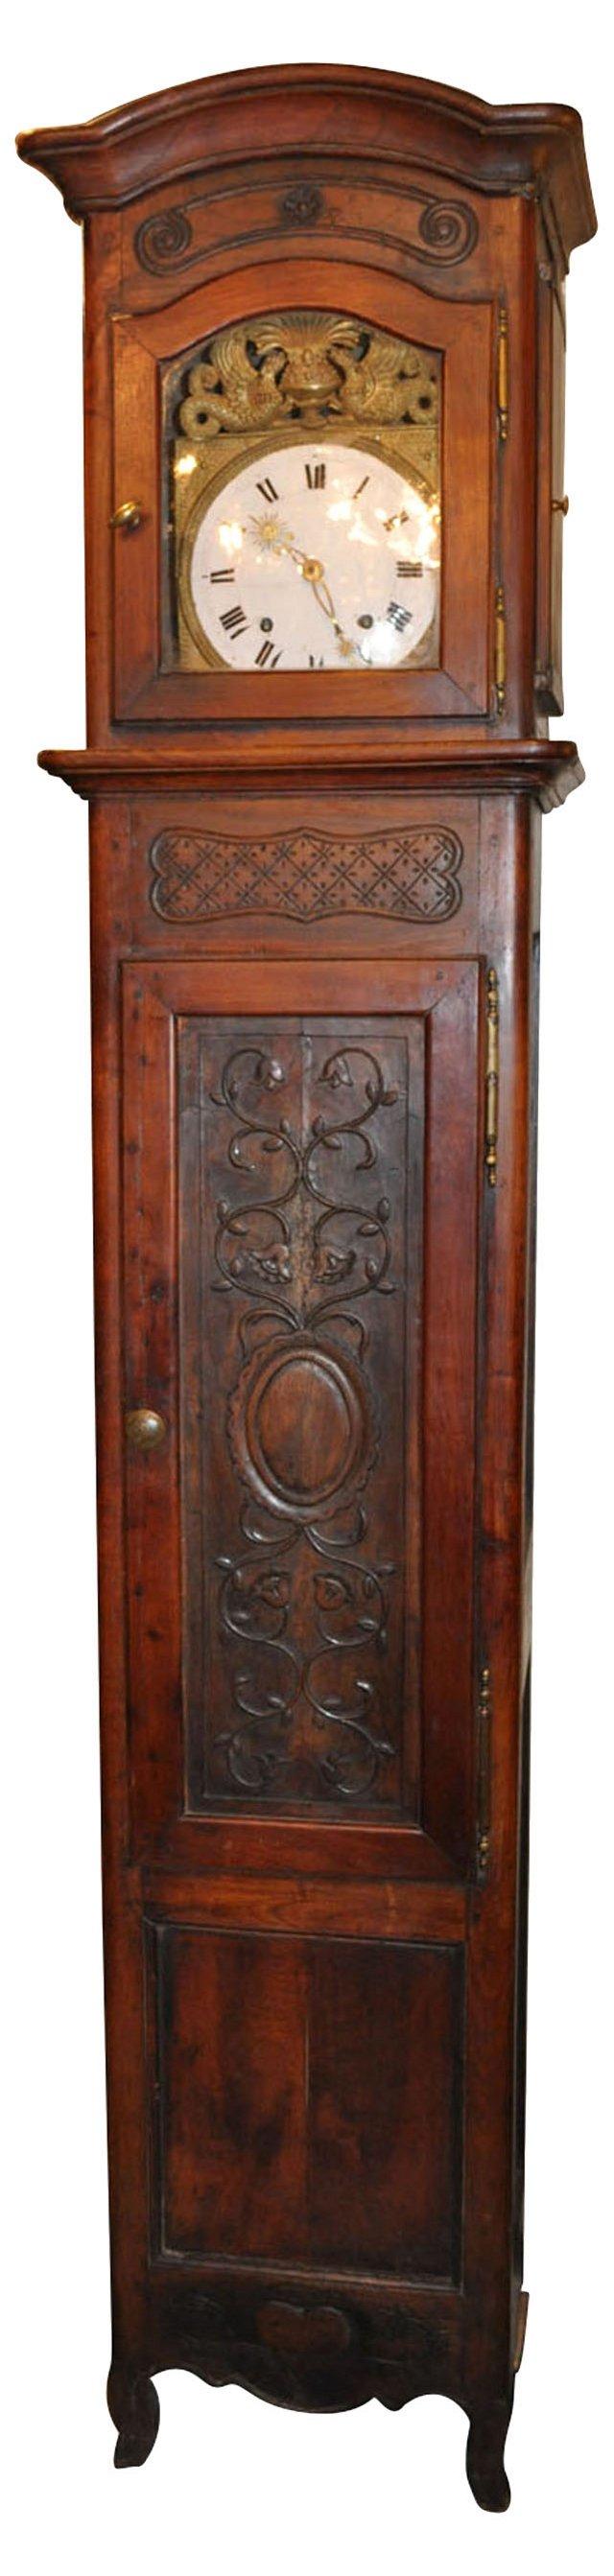 18th-C. French Walnut Case Clock